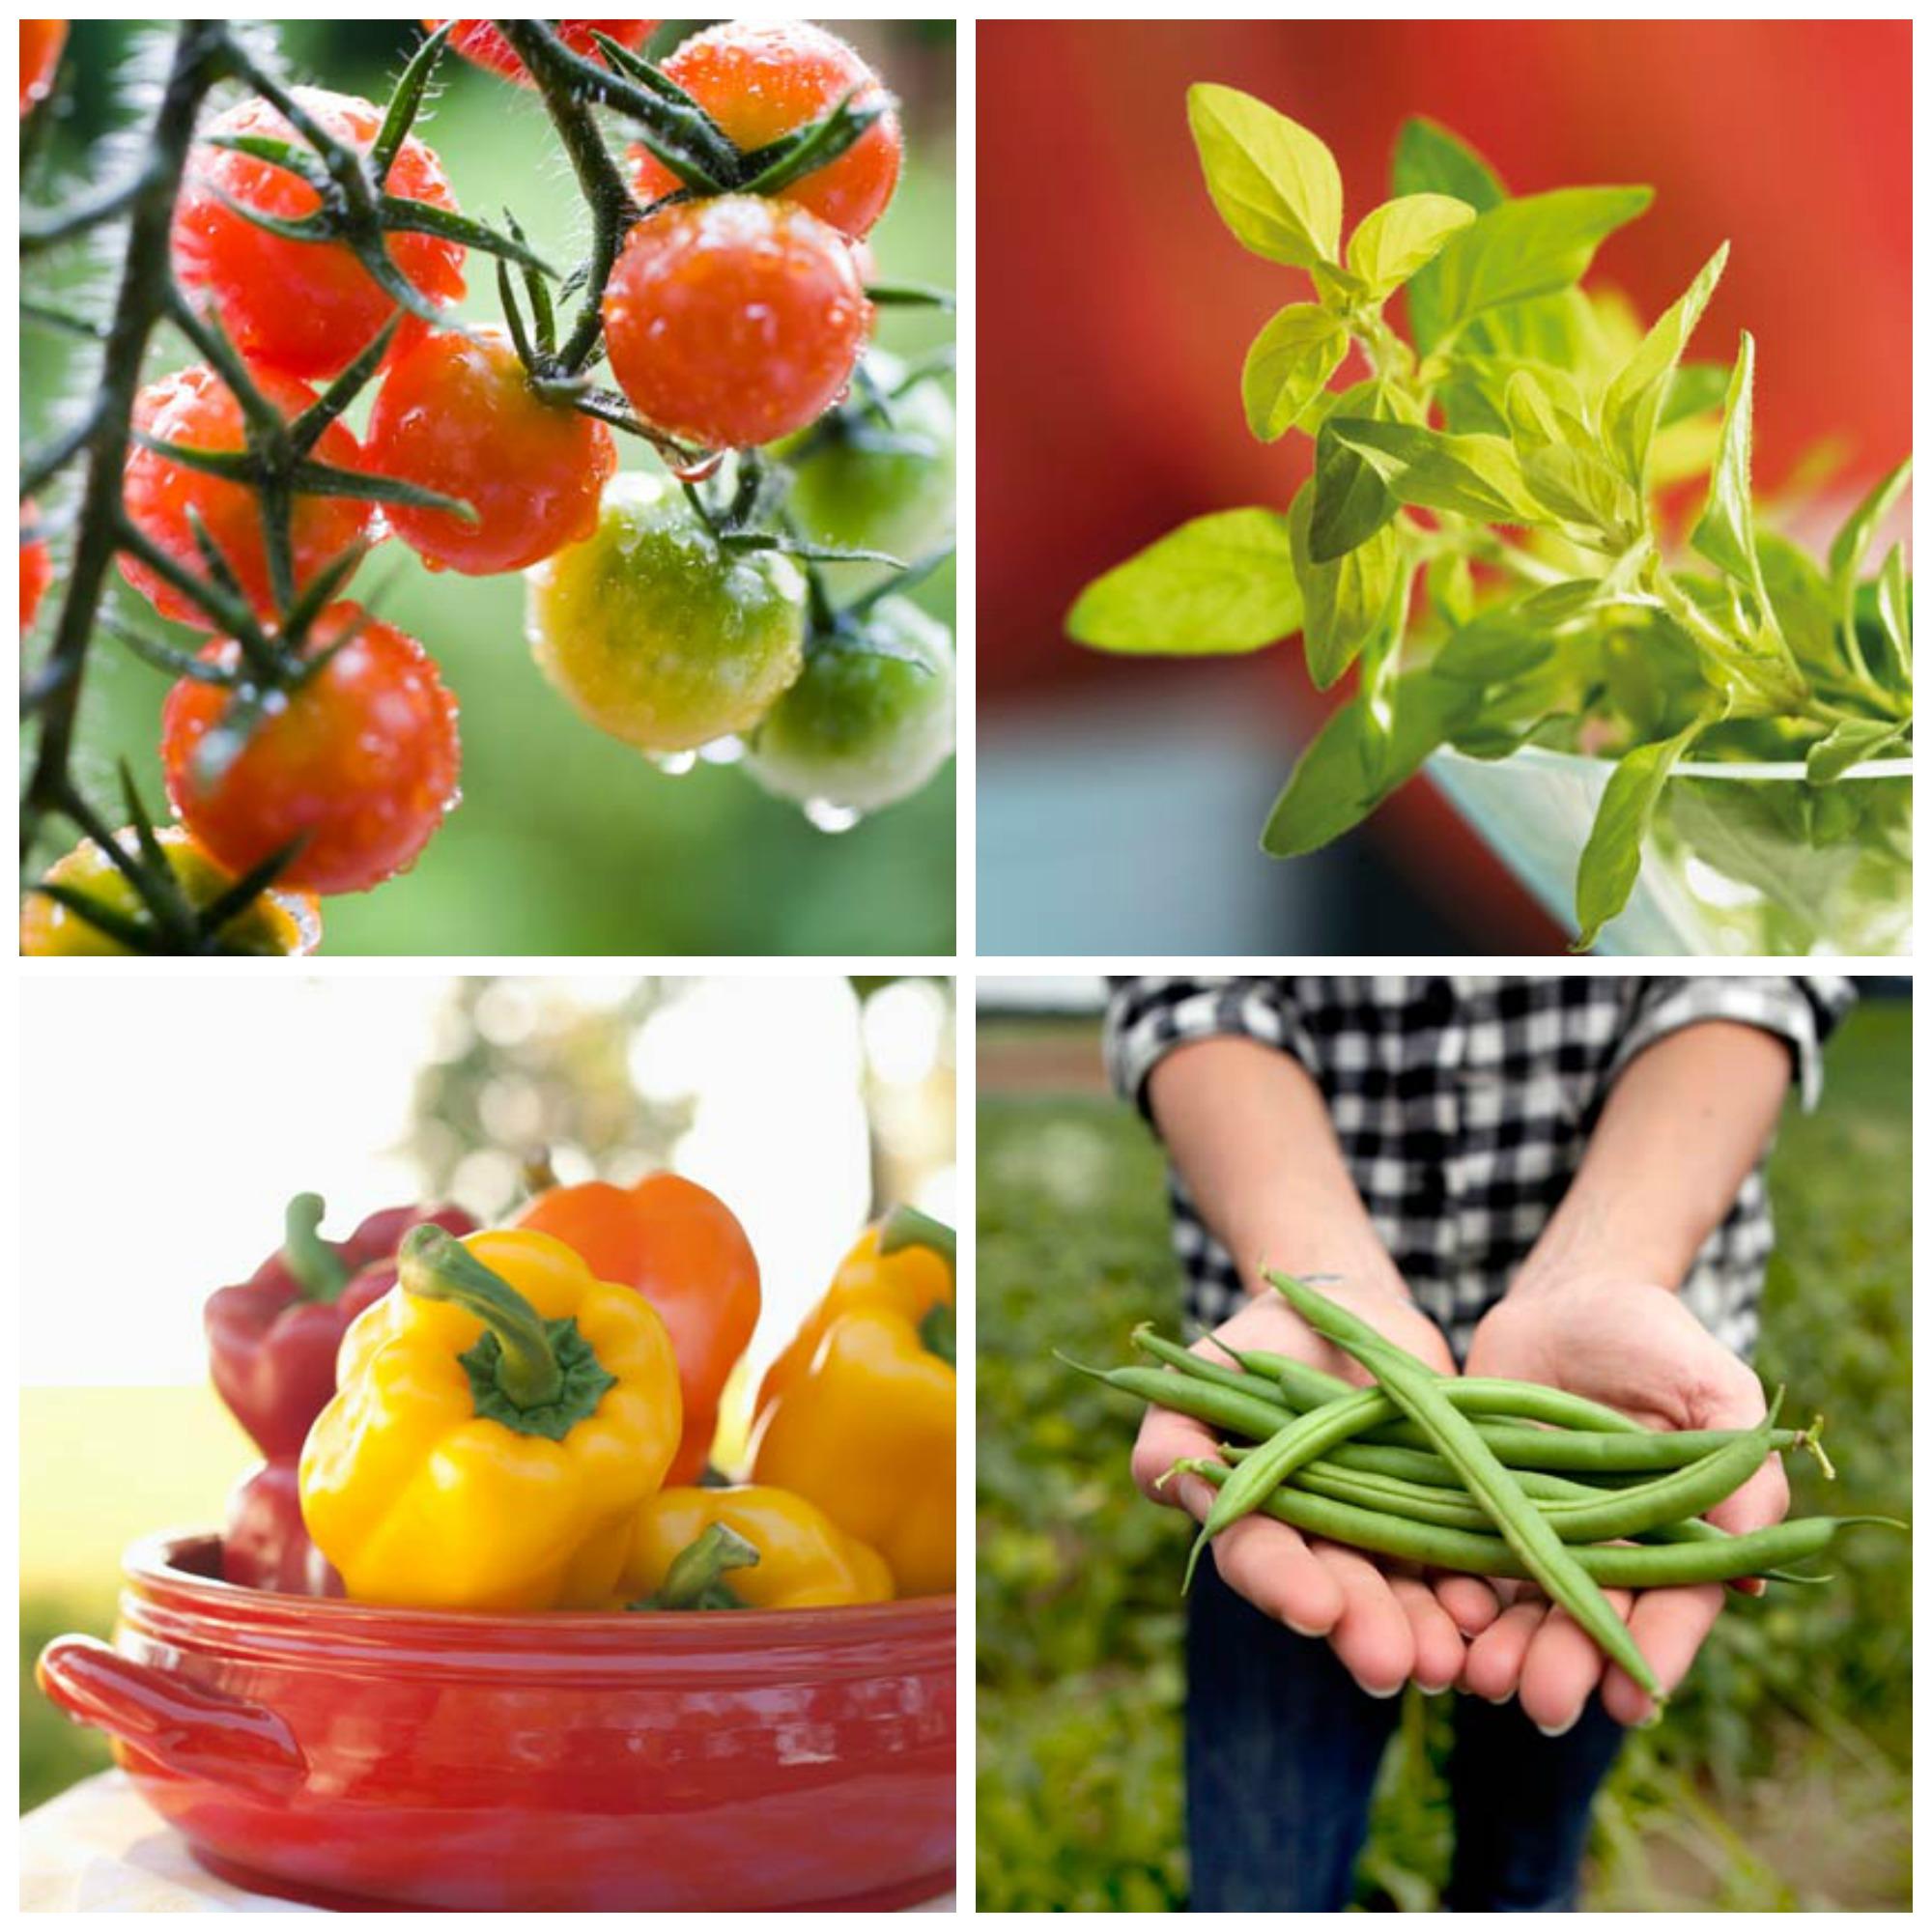 Las 10 hierbas y verduras más sencillas de plantar en casa